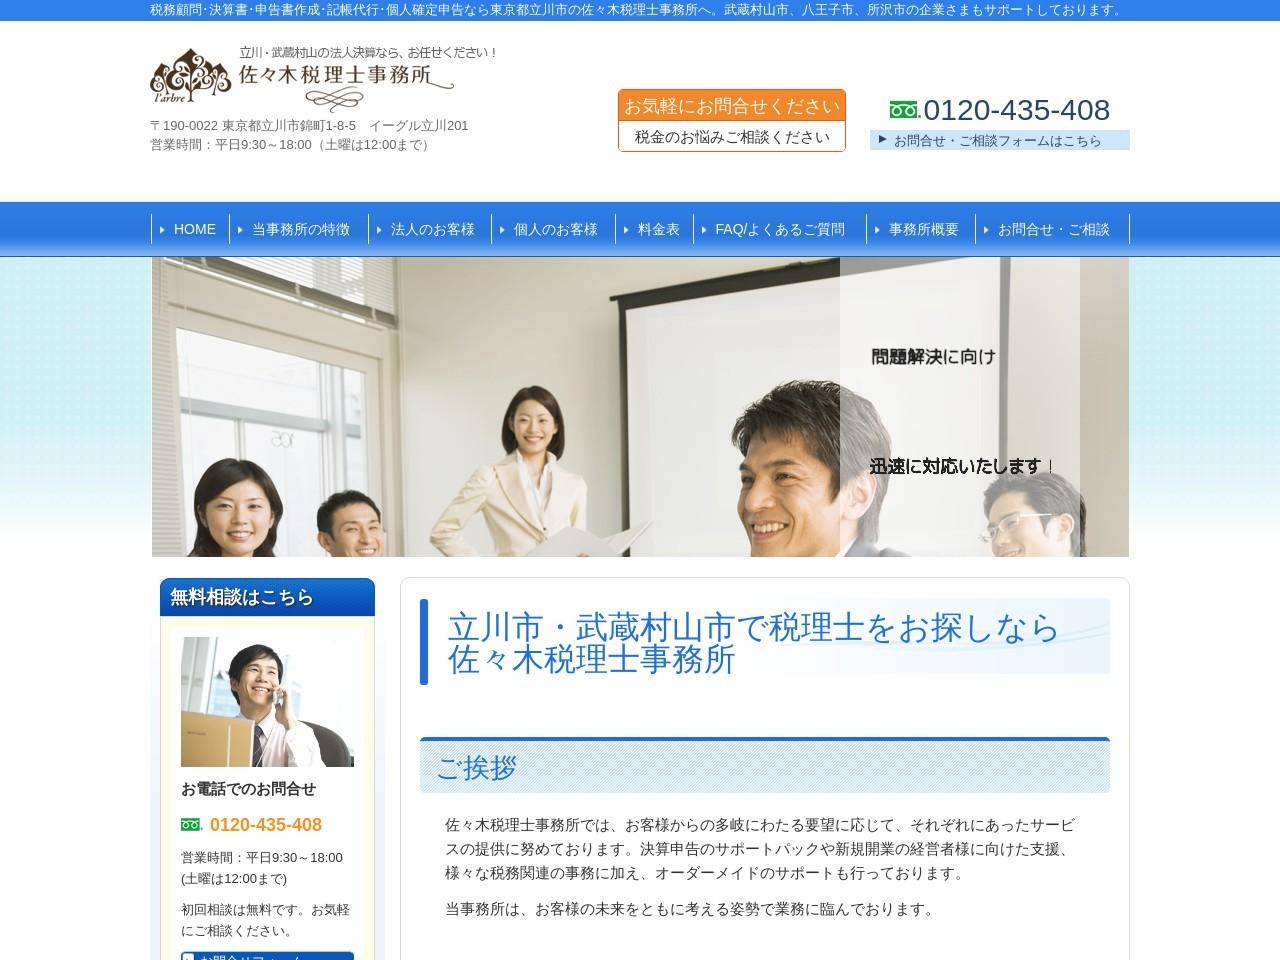 佐々木税理士事務所